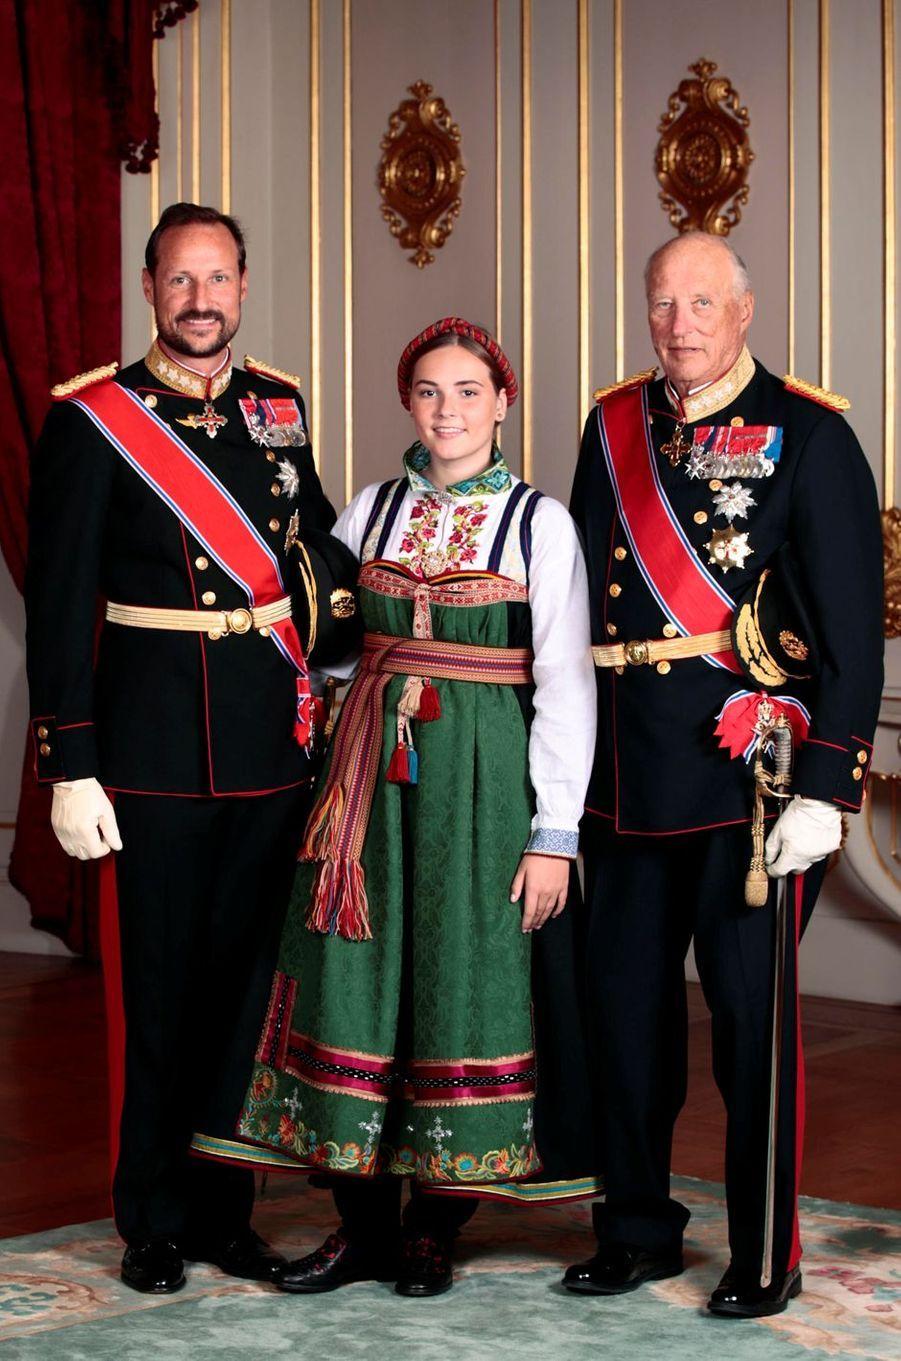 La princesse Ingrid Alexandra de Norvège avec son père le prince Haakon et son grand-père le roi Harald V, à Oslo le 31 août 2019. Photo officielle de sa confirmation